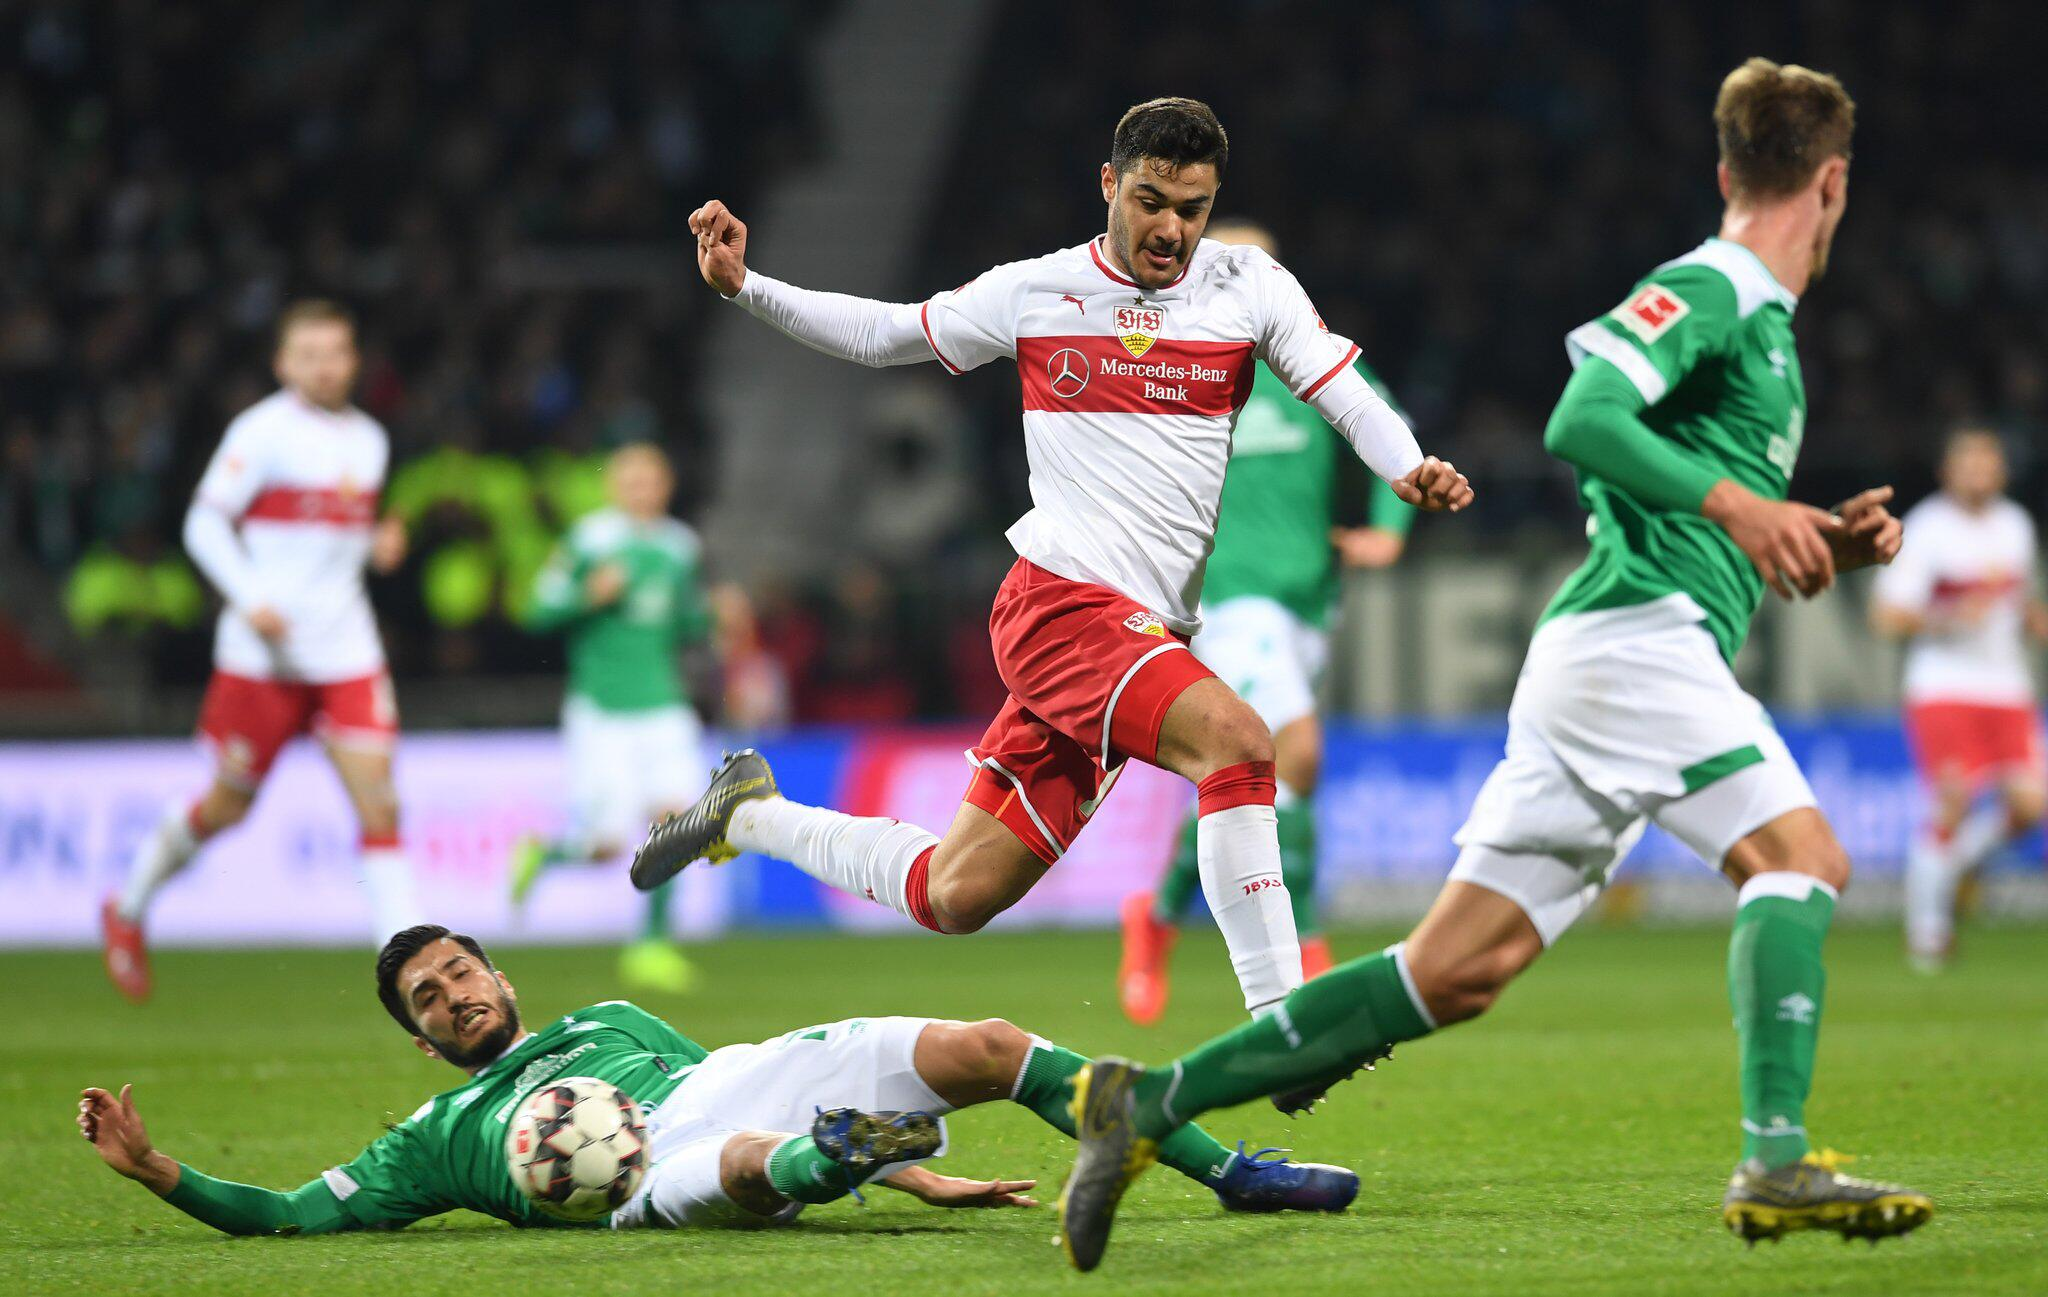 Freitagsspiel: VfB Stuttgart erkämpft Punkt bei Werder Bremen